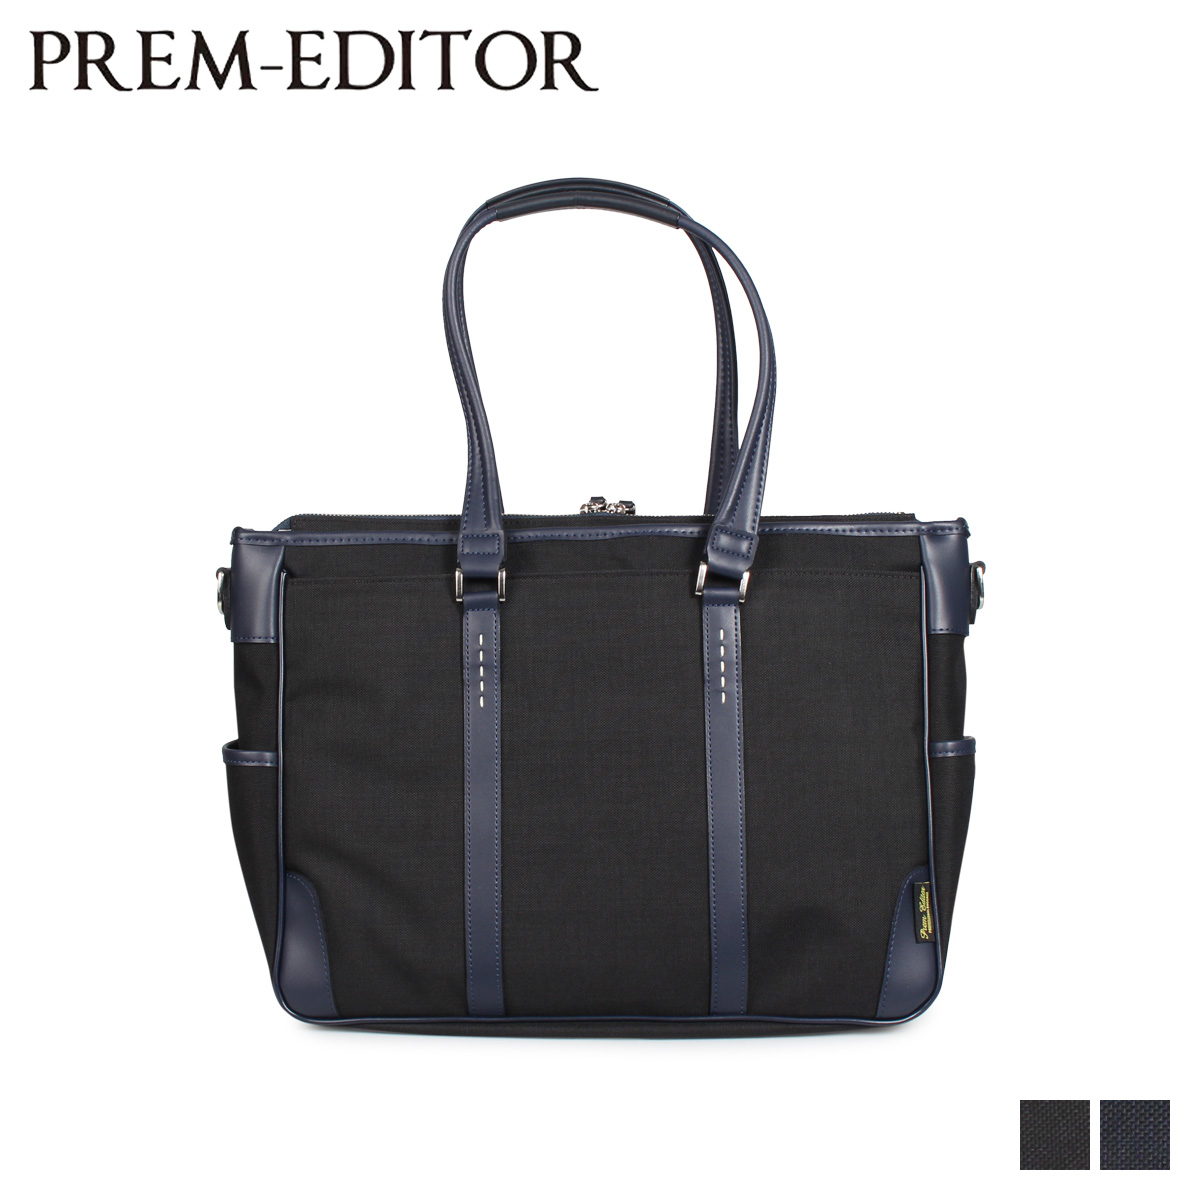 PREM-EDITOR プレム エディター バッグ トートバッグ ショルダーバッグ メンズ 13L TOTE BAG ブラック ネイビー 黒 02751